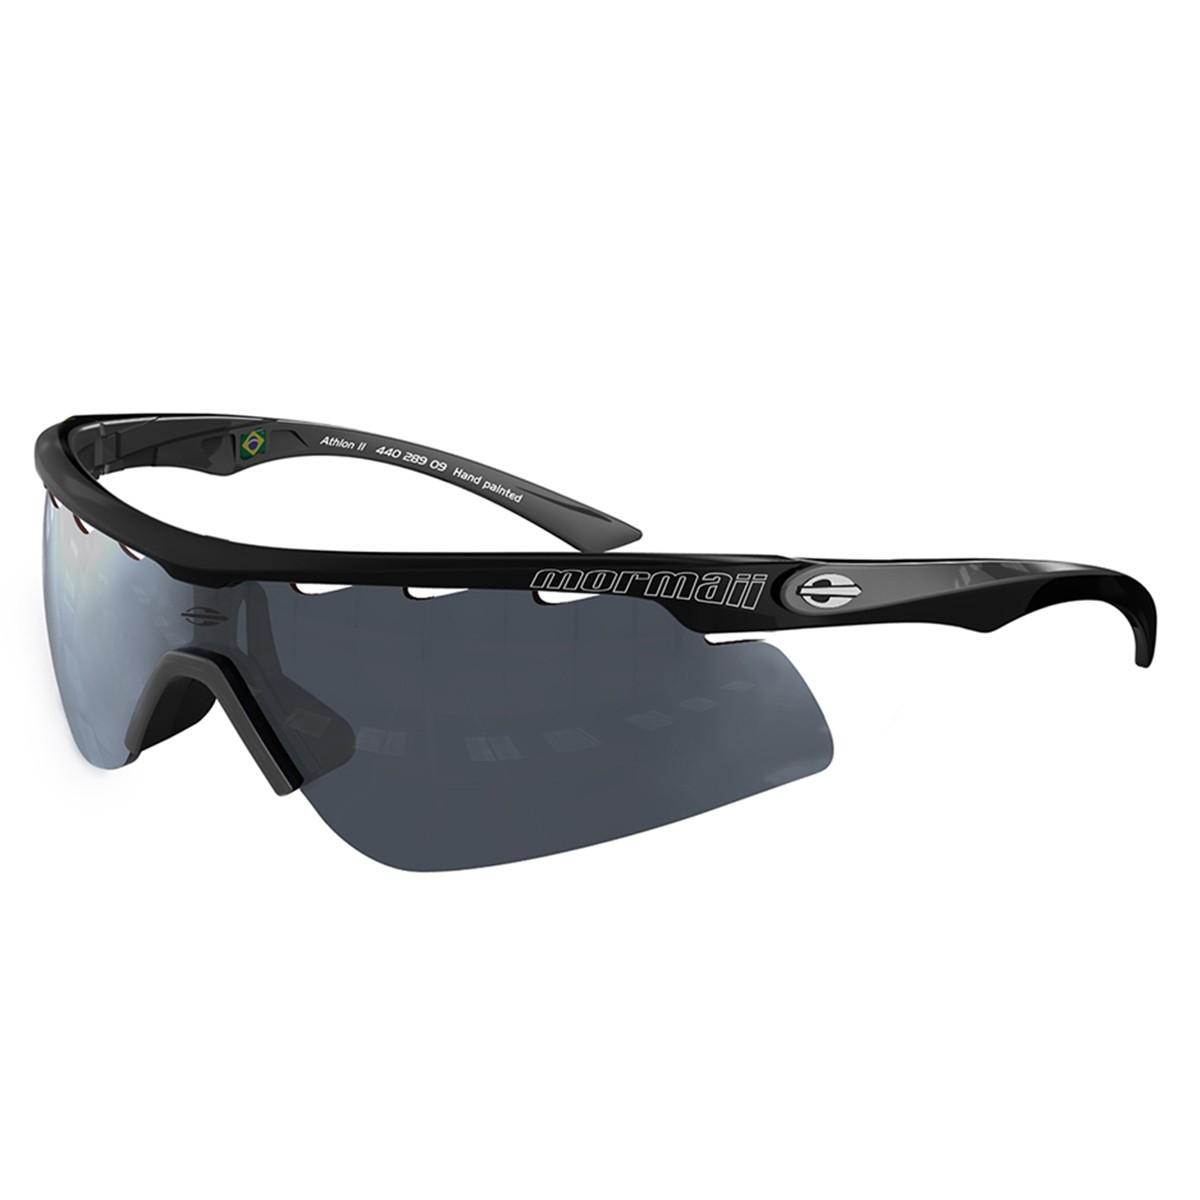 Comprar Oculos De Sol Compra Coletiva   Louisiana Bucket Brigade 4506050953